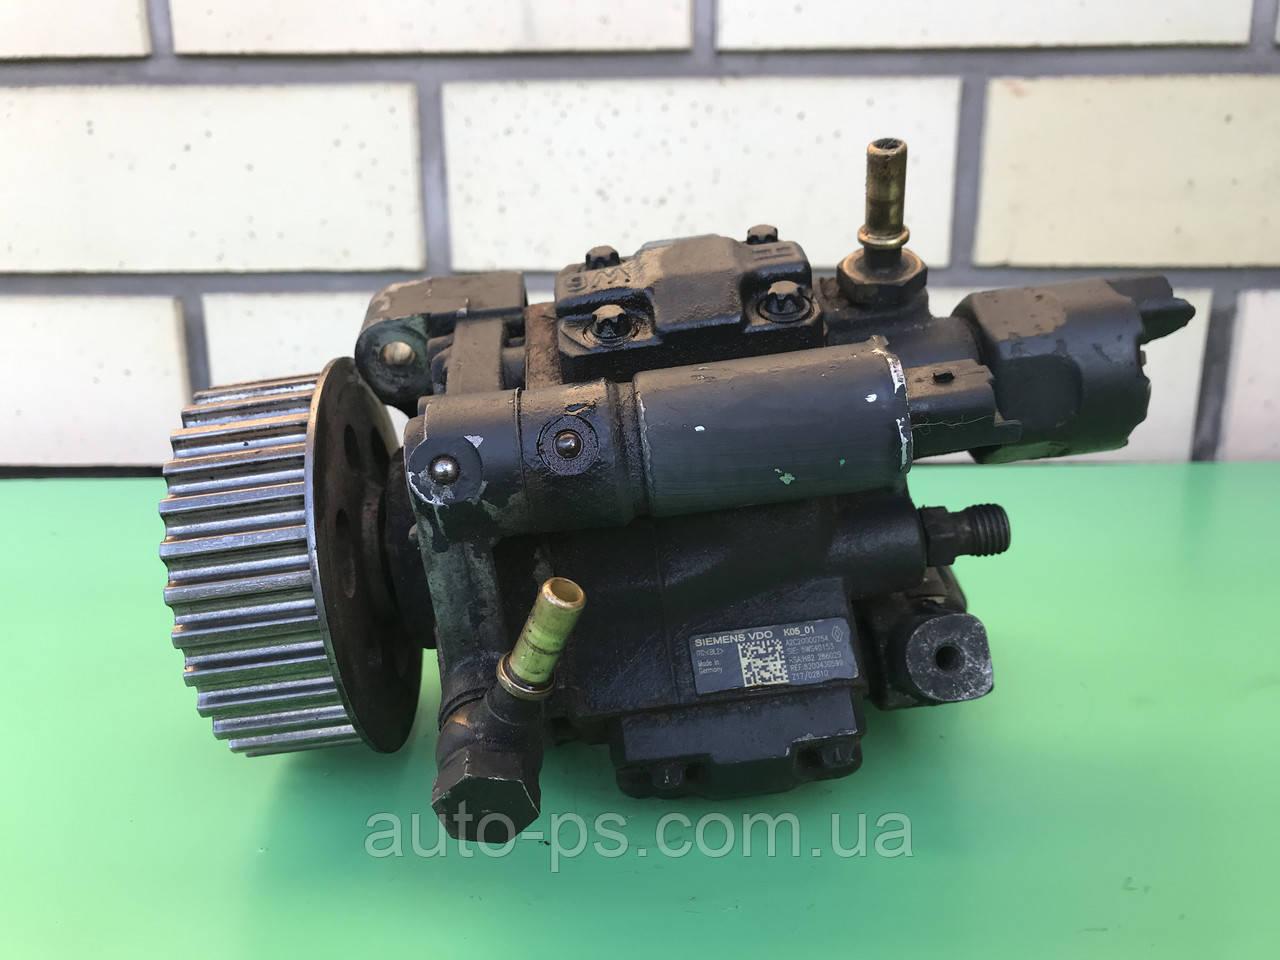 Топливный насос высокого давления (ТНВД) Renault Grand Modus 1.5dCi